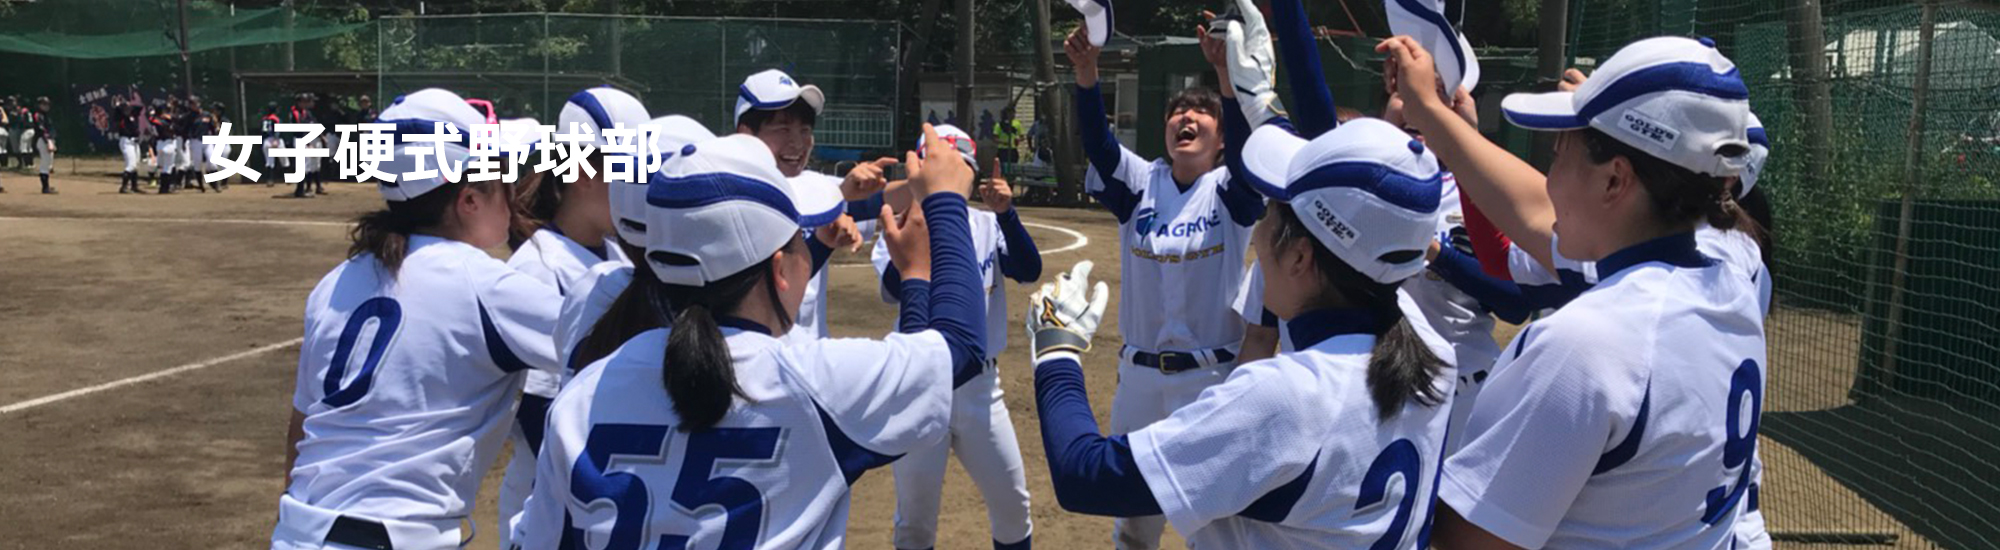 女子硬式野球部